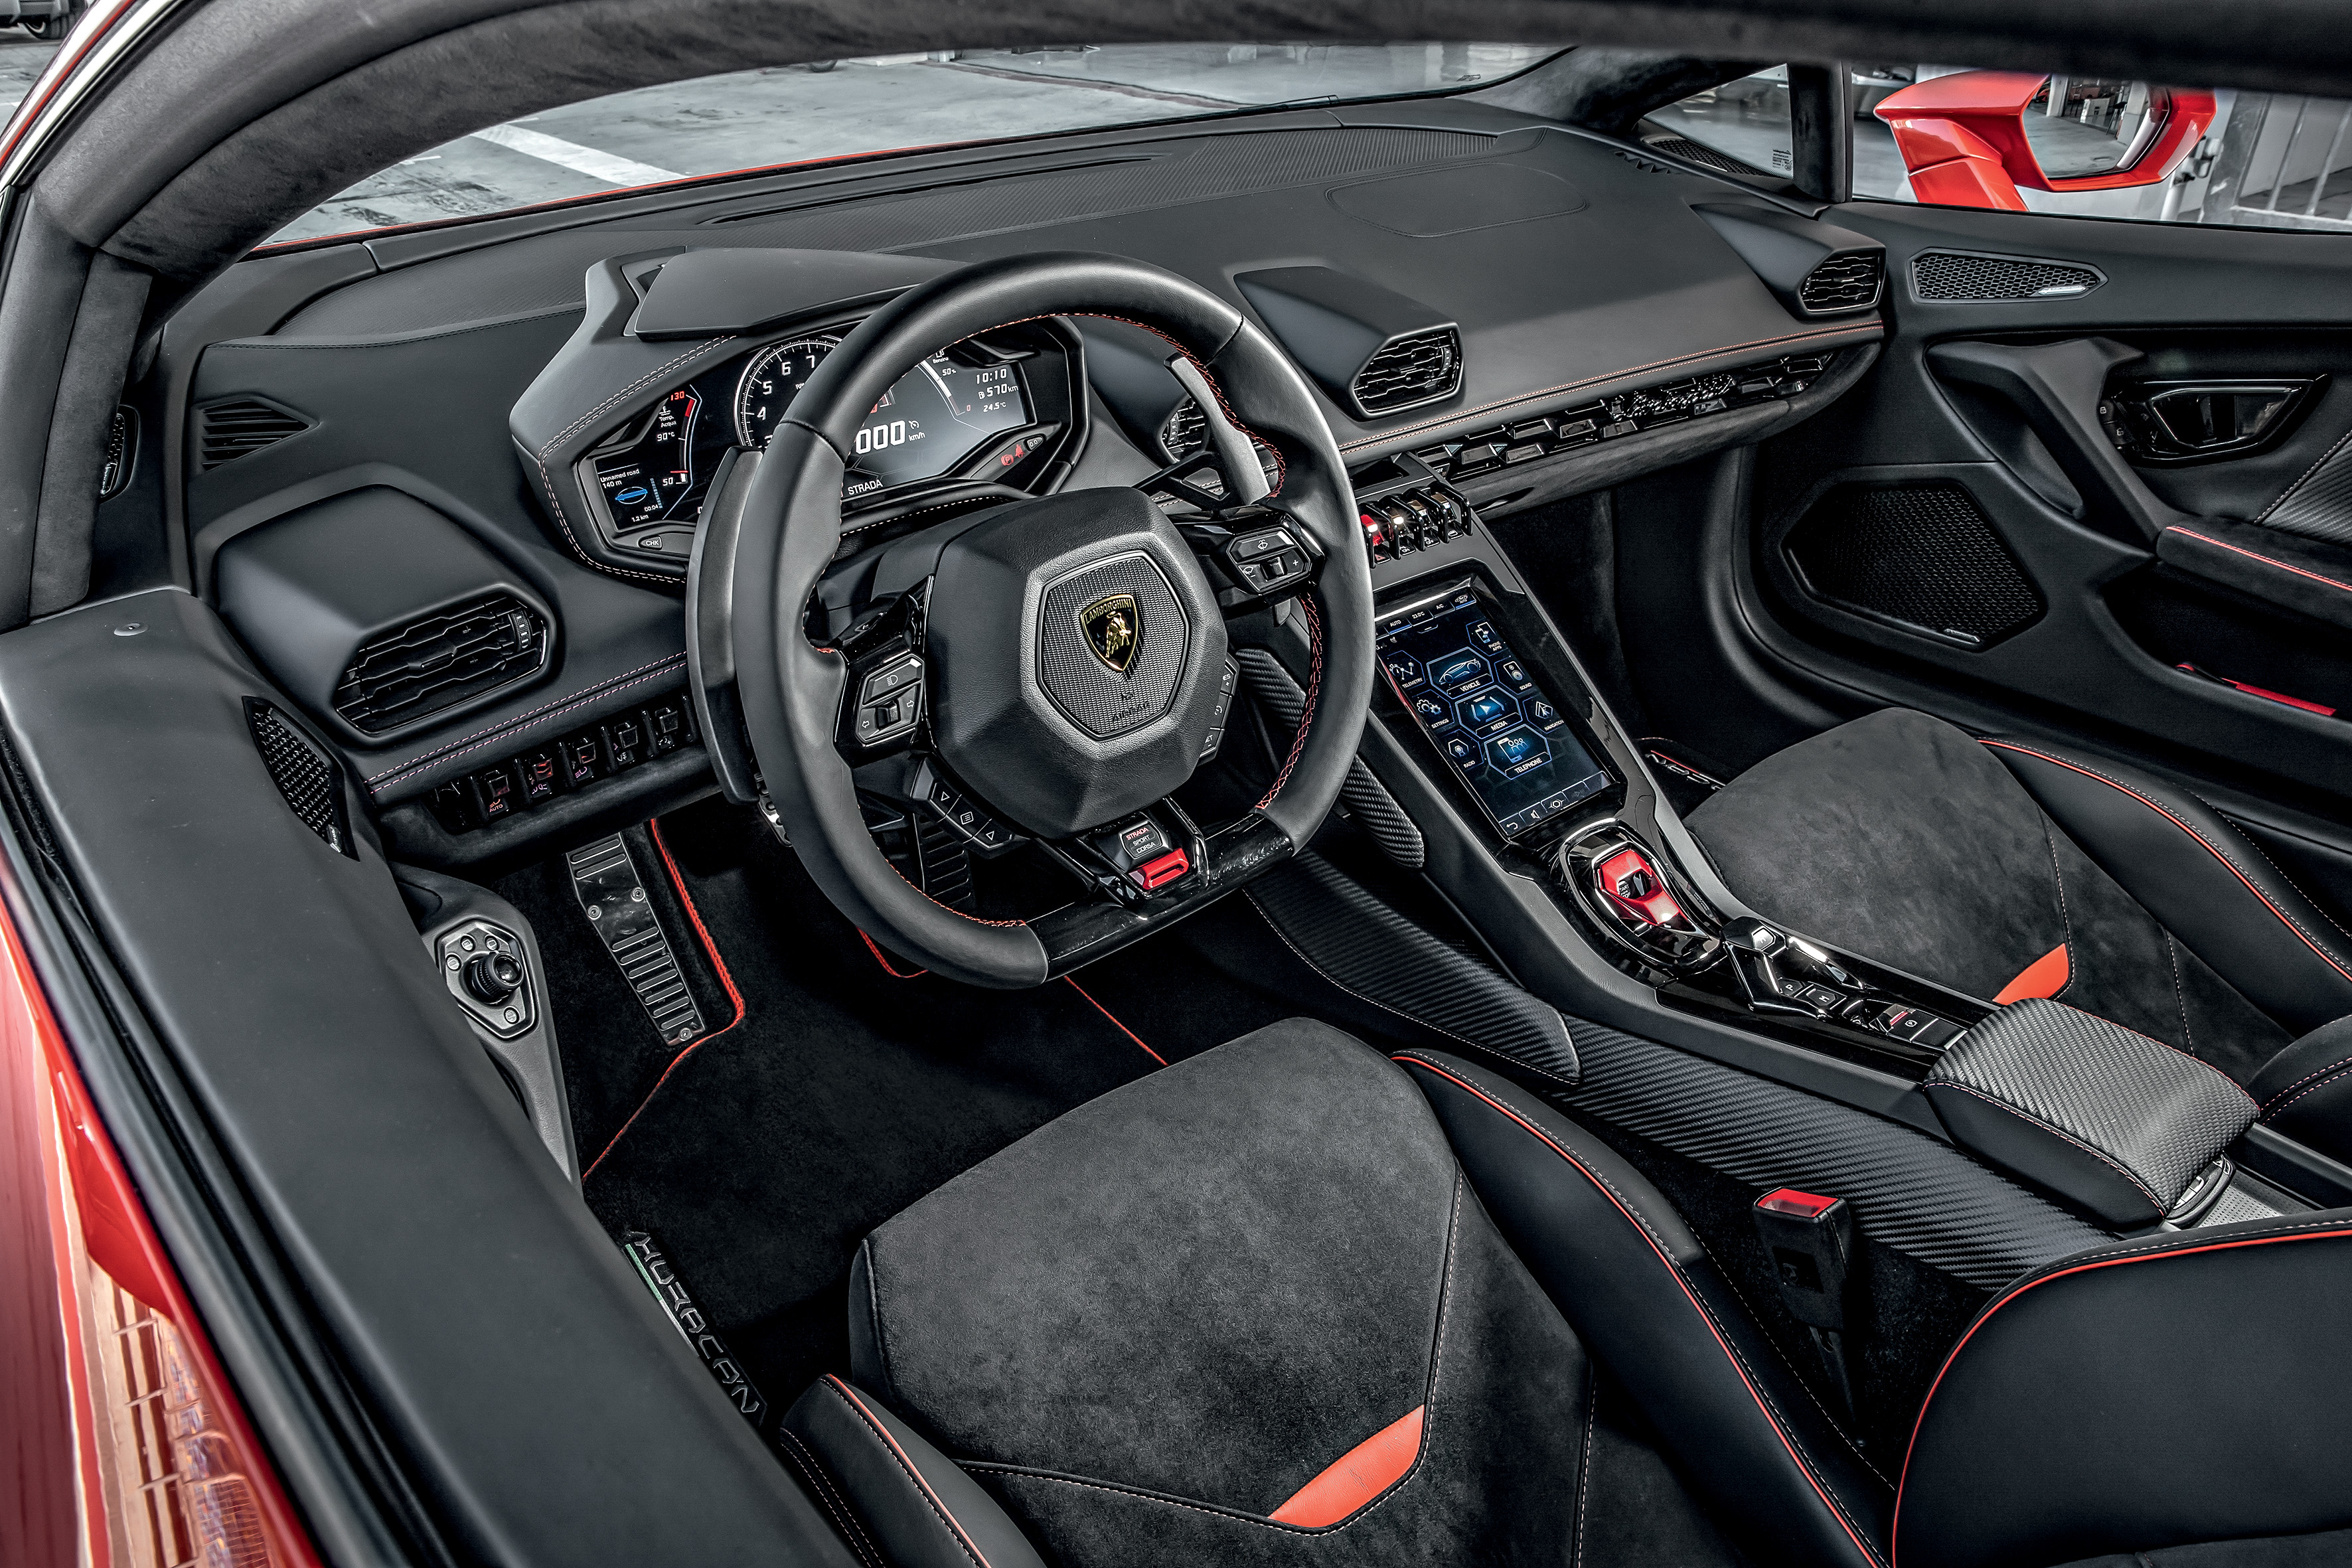 Seguindo o visual da carroceria, o interior também recorre às formas hexagonais, das telas aos bancos, passando pelo volante